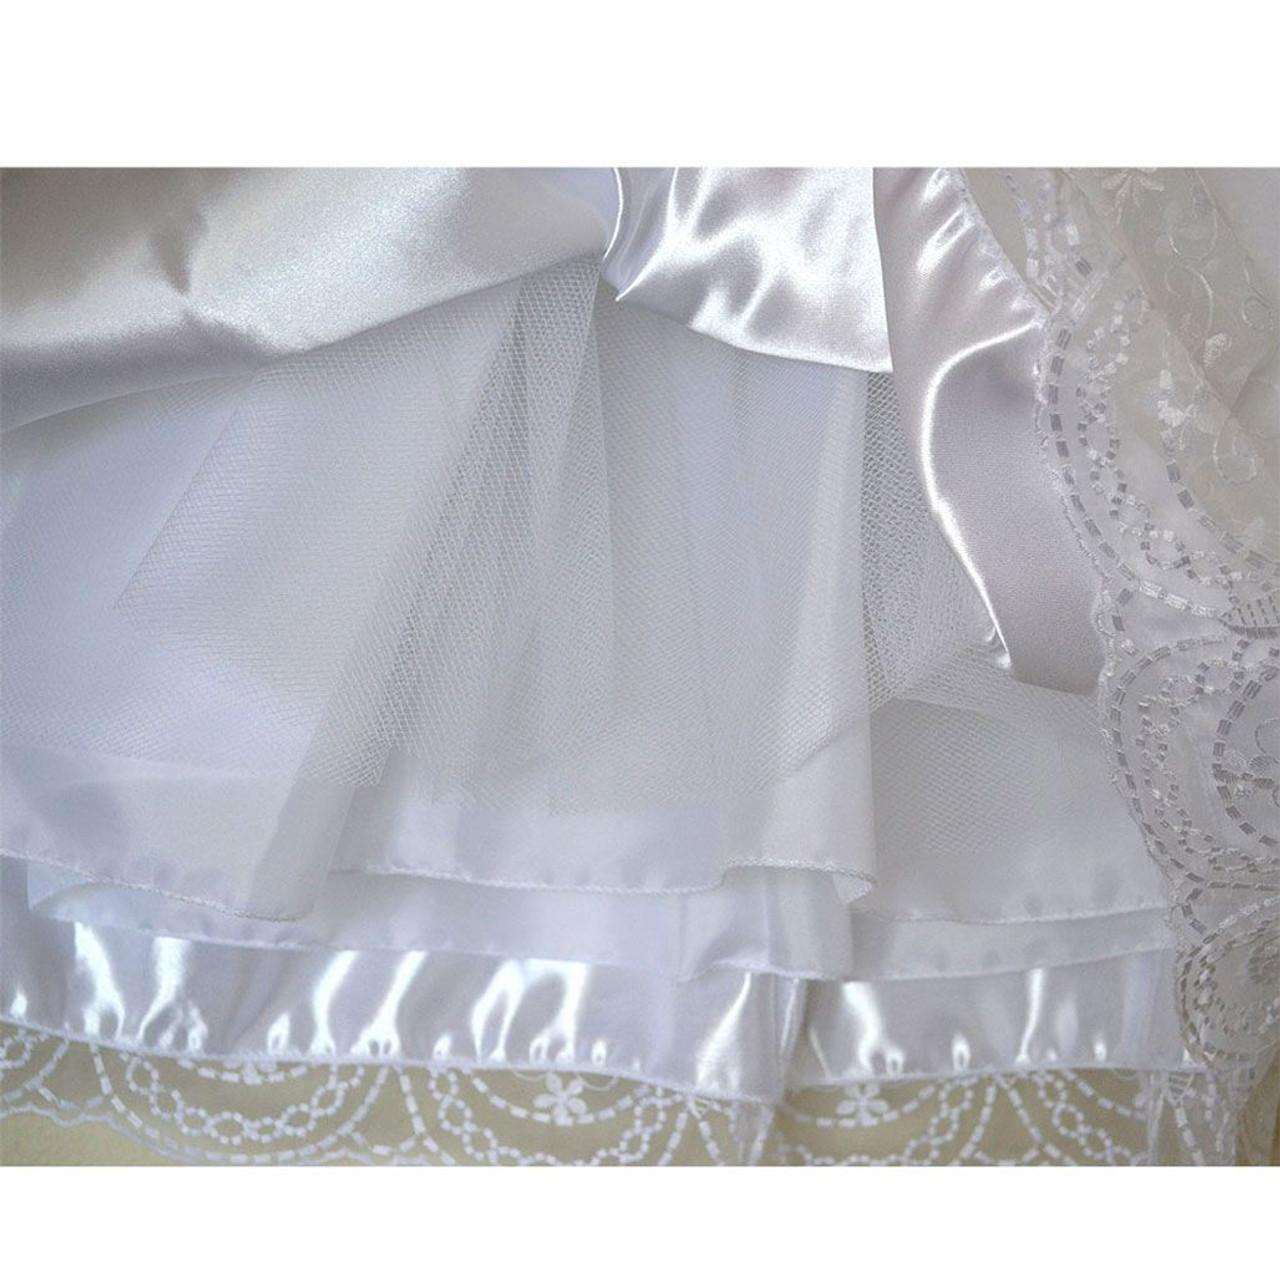 Rosemarie Communion Dress underskirt detail